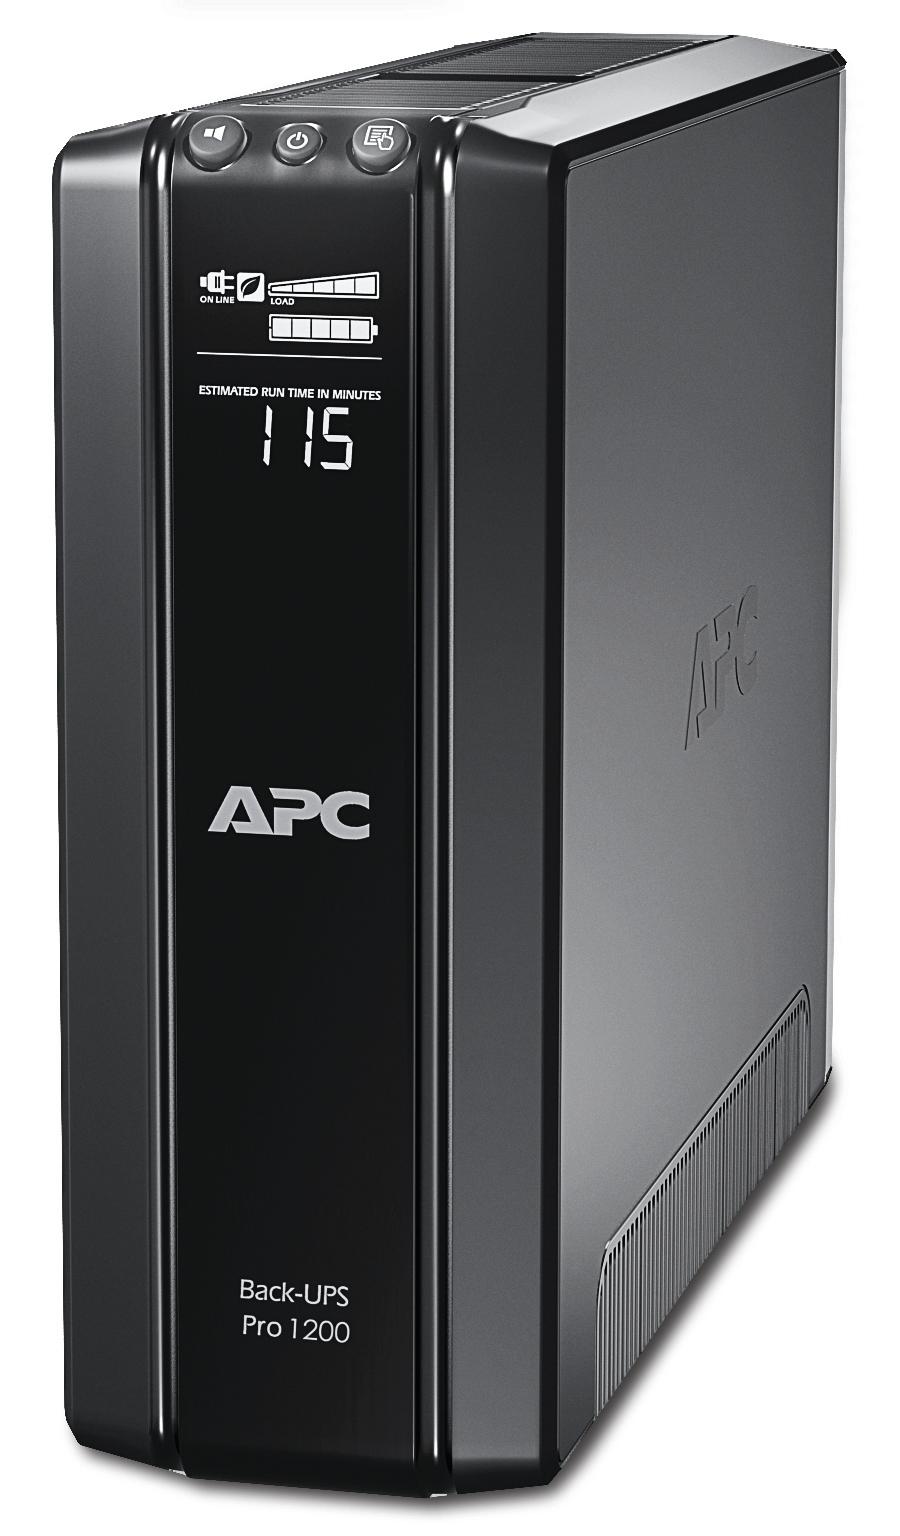 APC Back-UPS Pro sistema de alimentación ininterrumpida (UPS) Línea interactiva 1200 VA 720 W 10 salidas AC